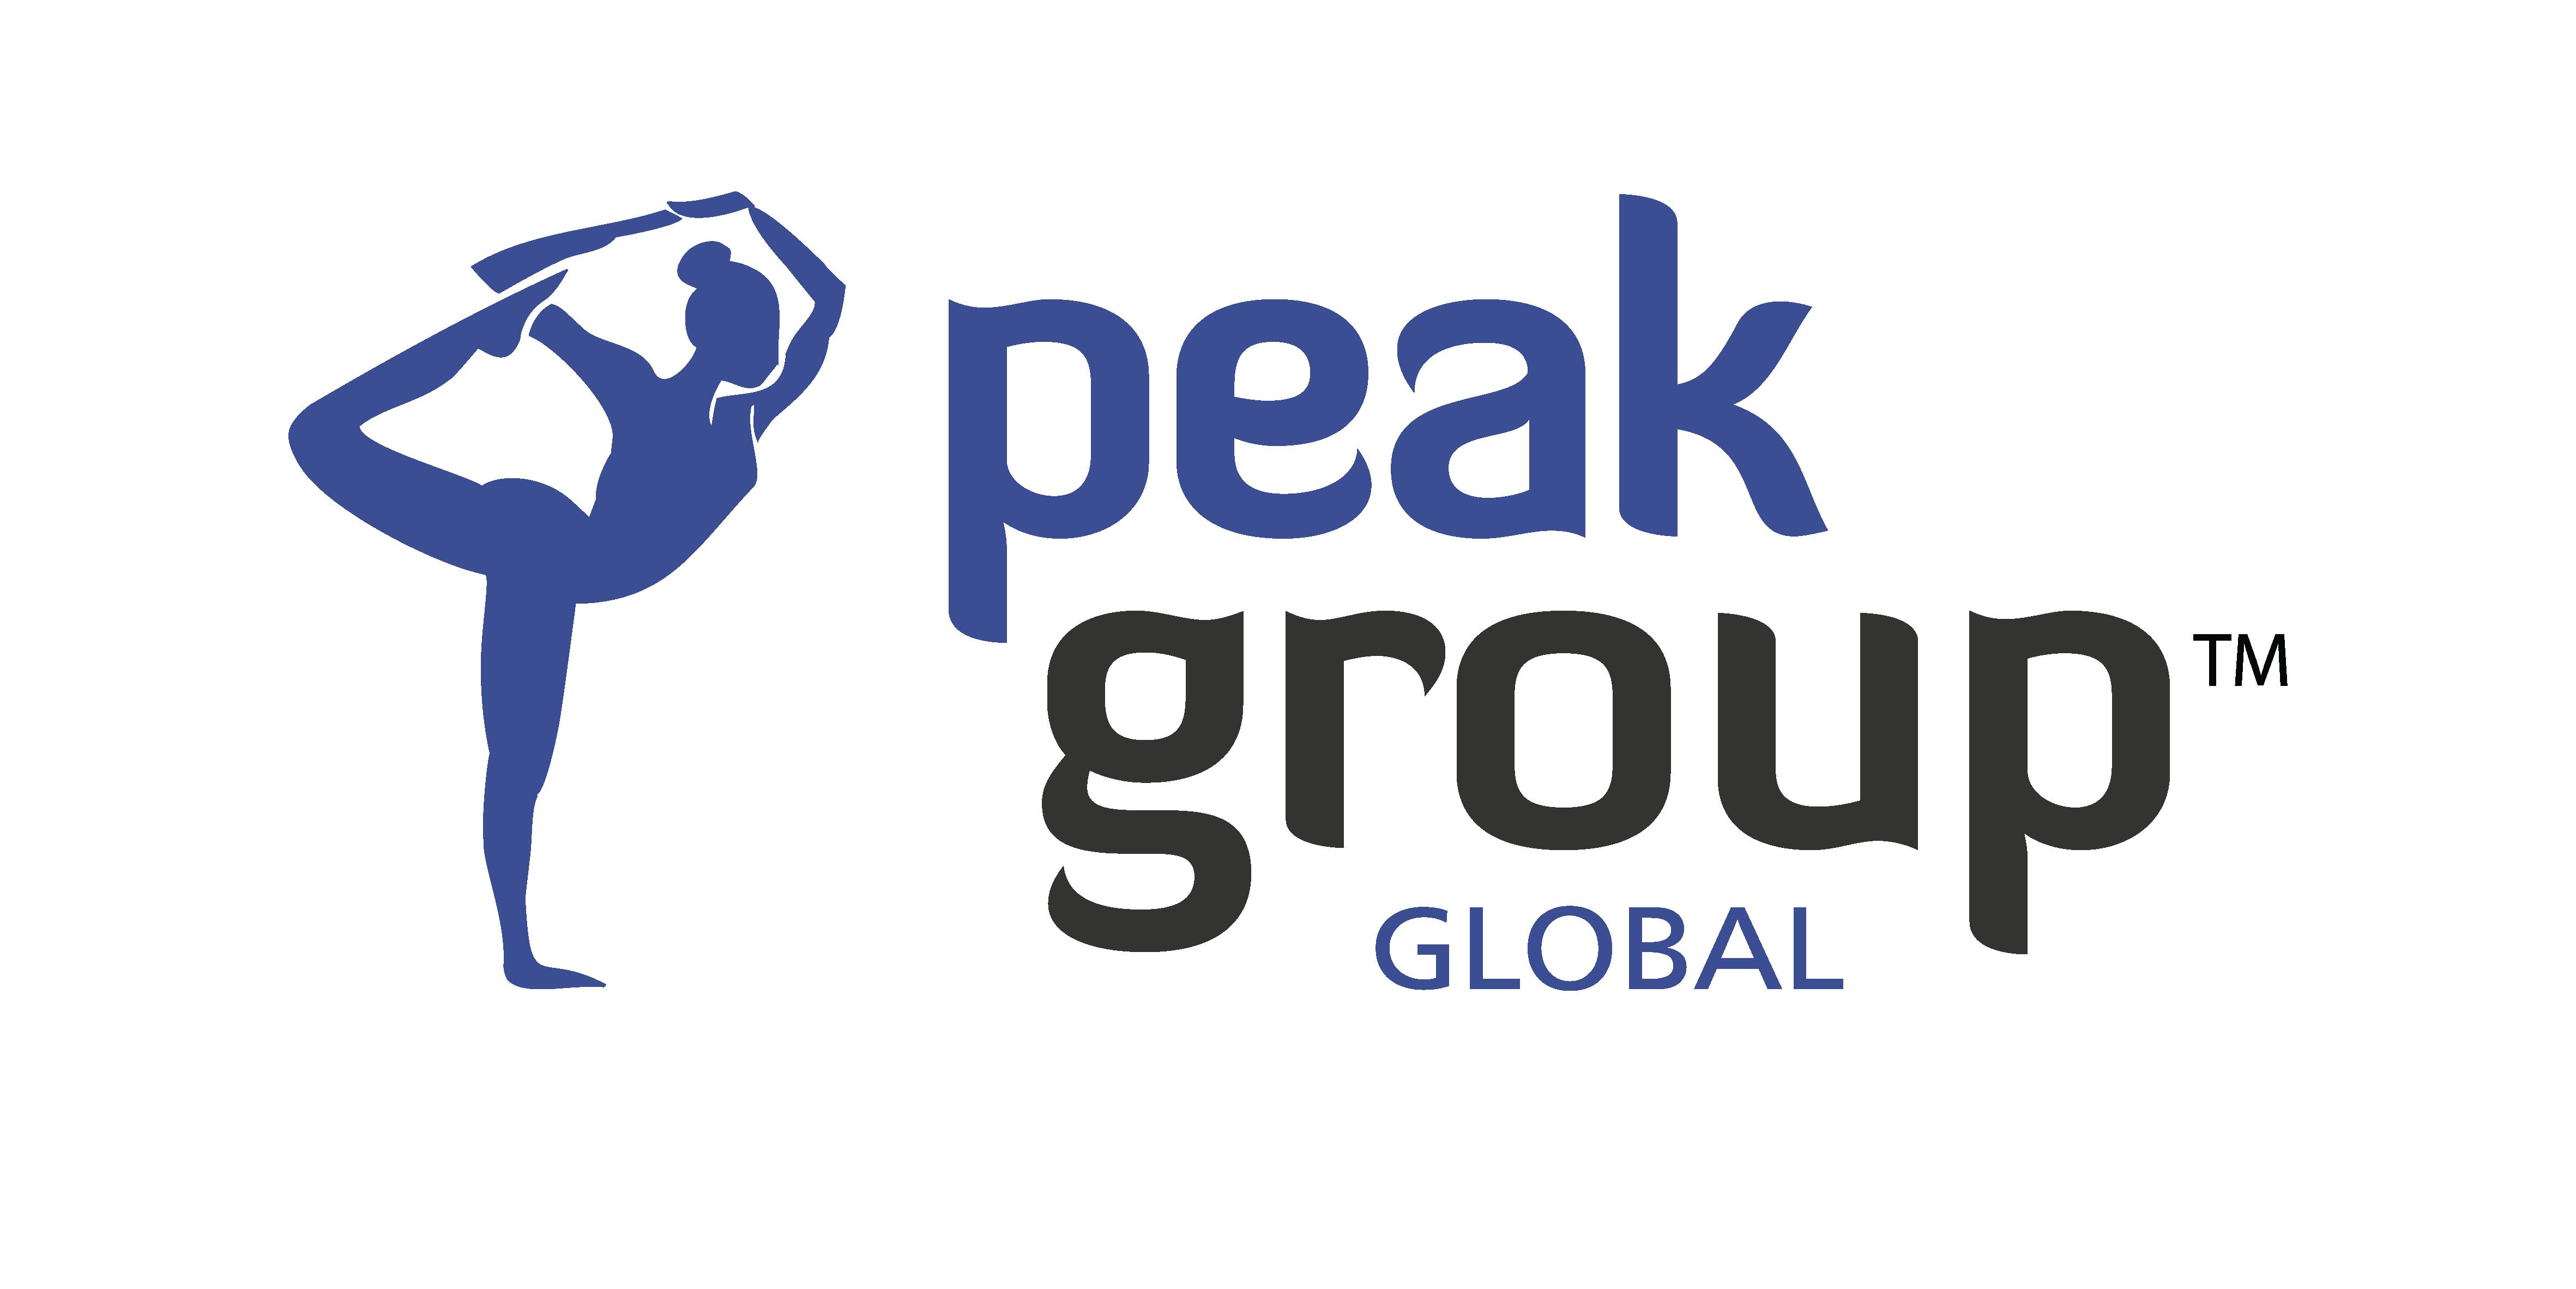 Peak Physique Hot Yoga's School